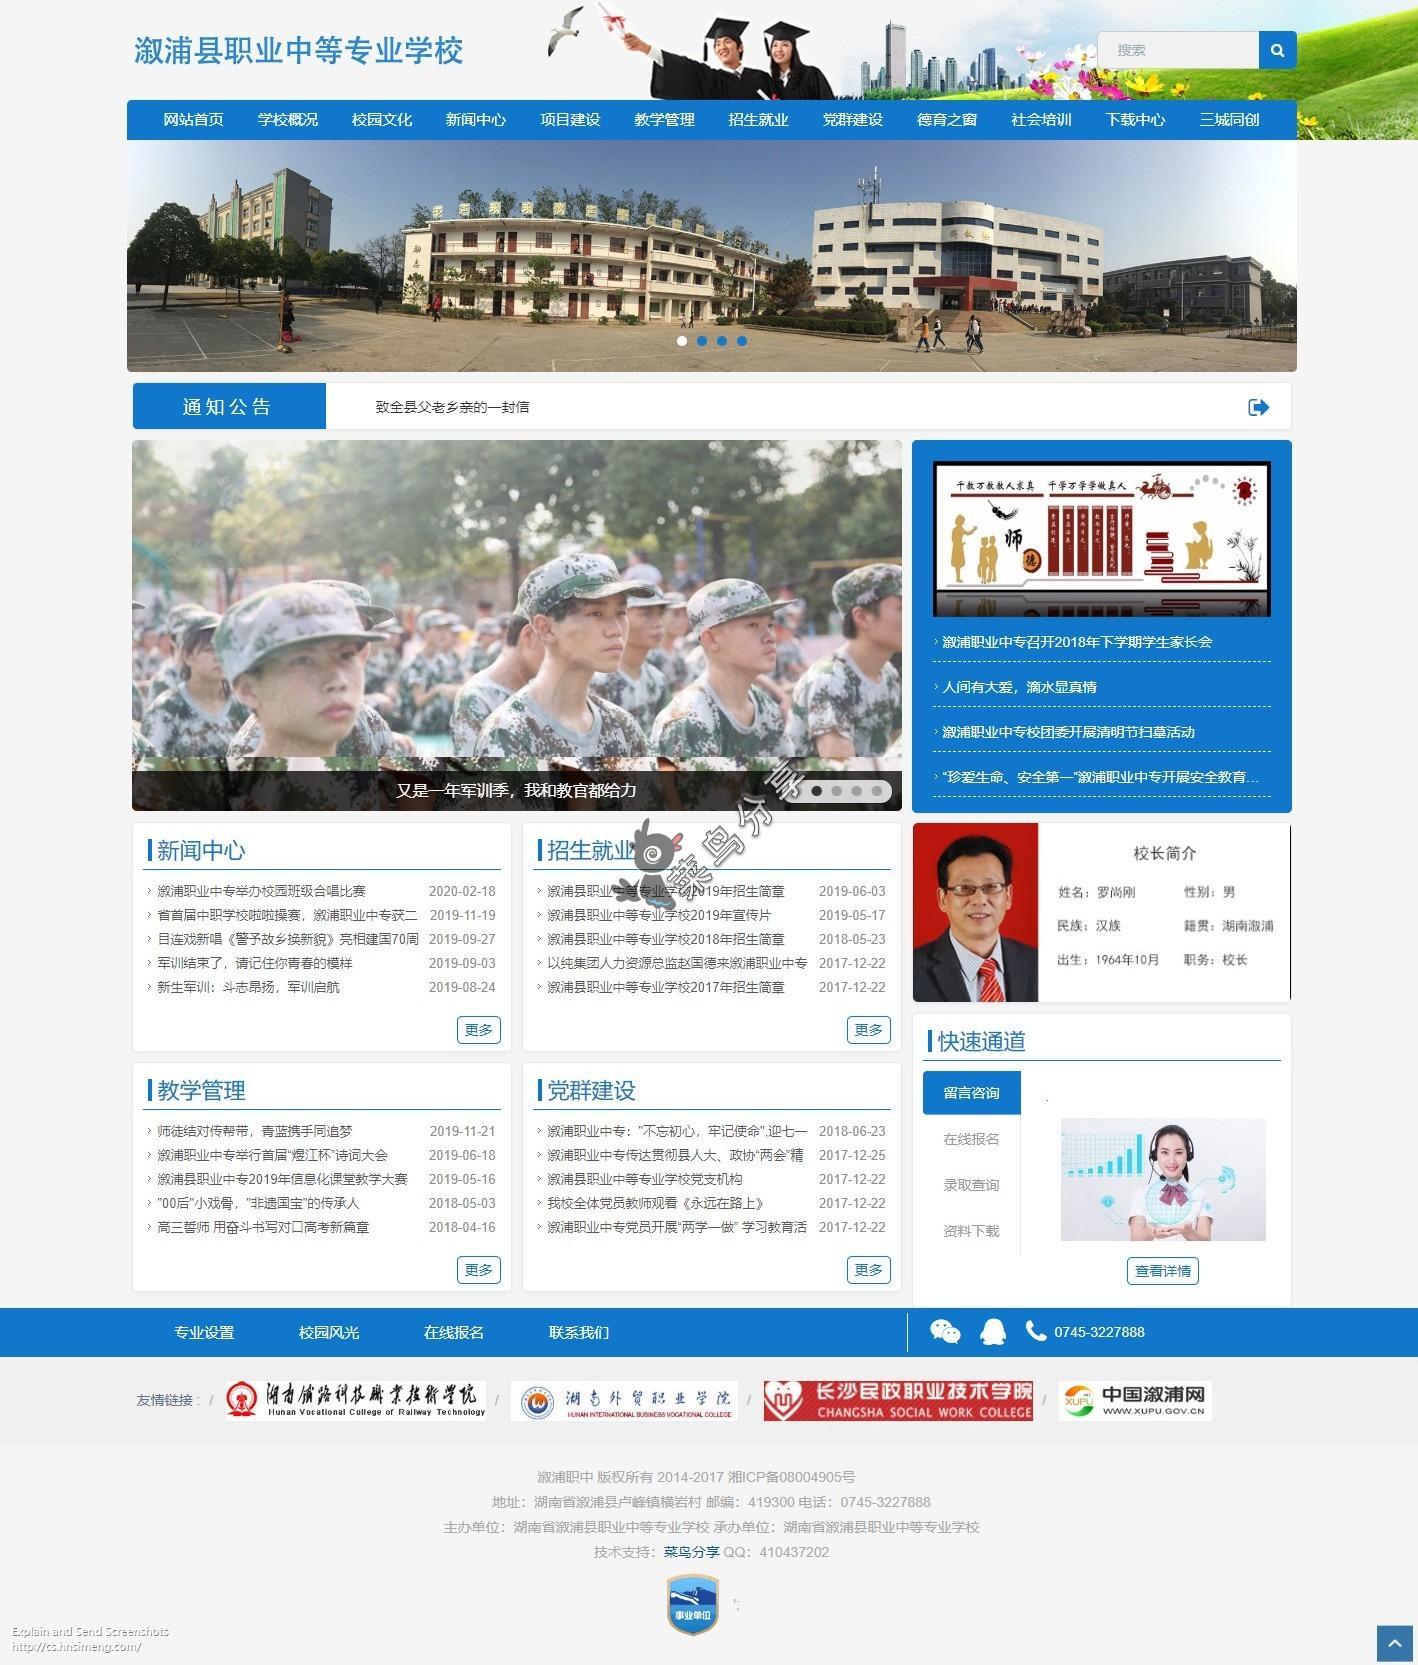 院校学校网站源码-整站响应式含数据完整版带后台